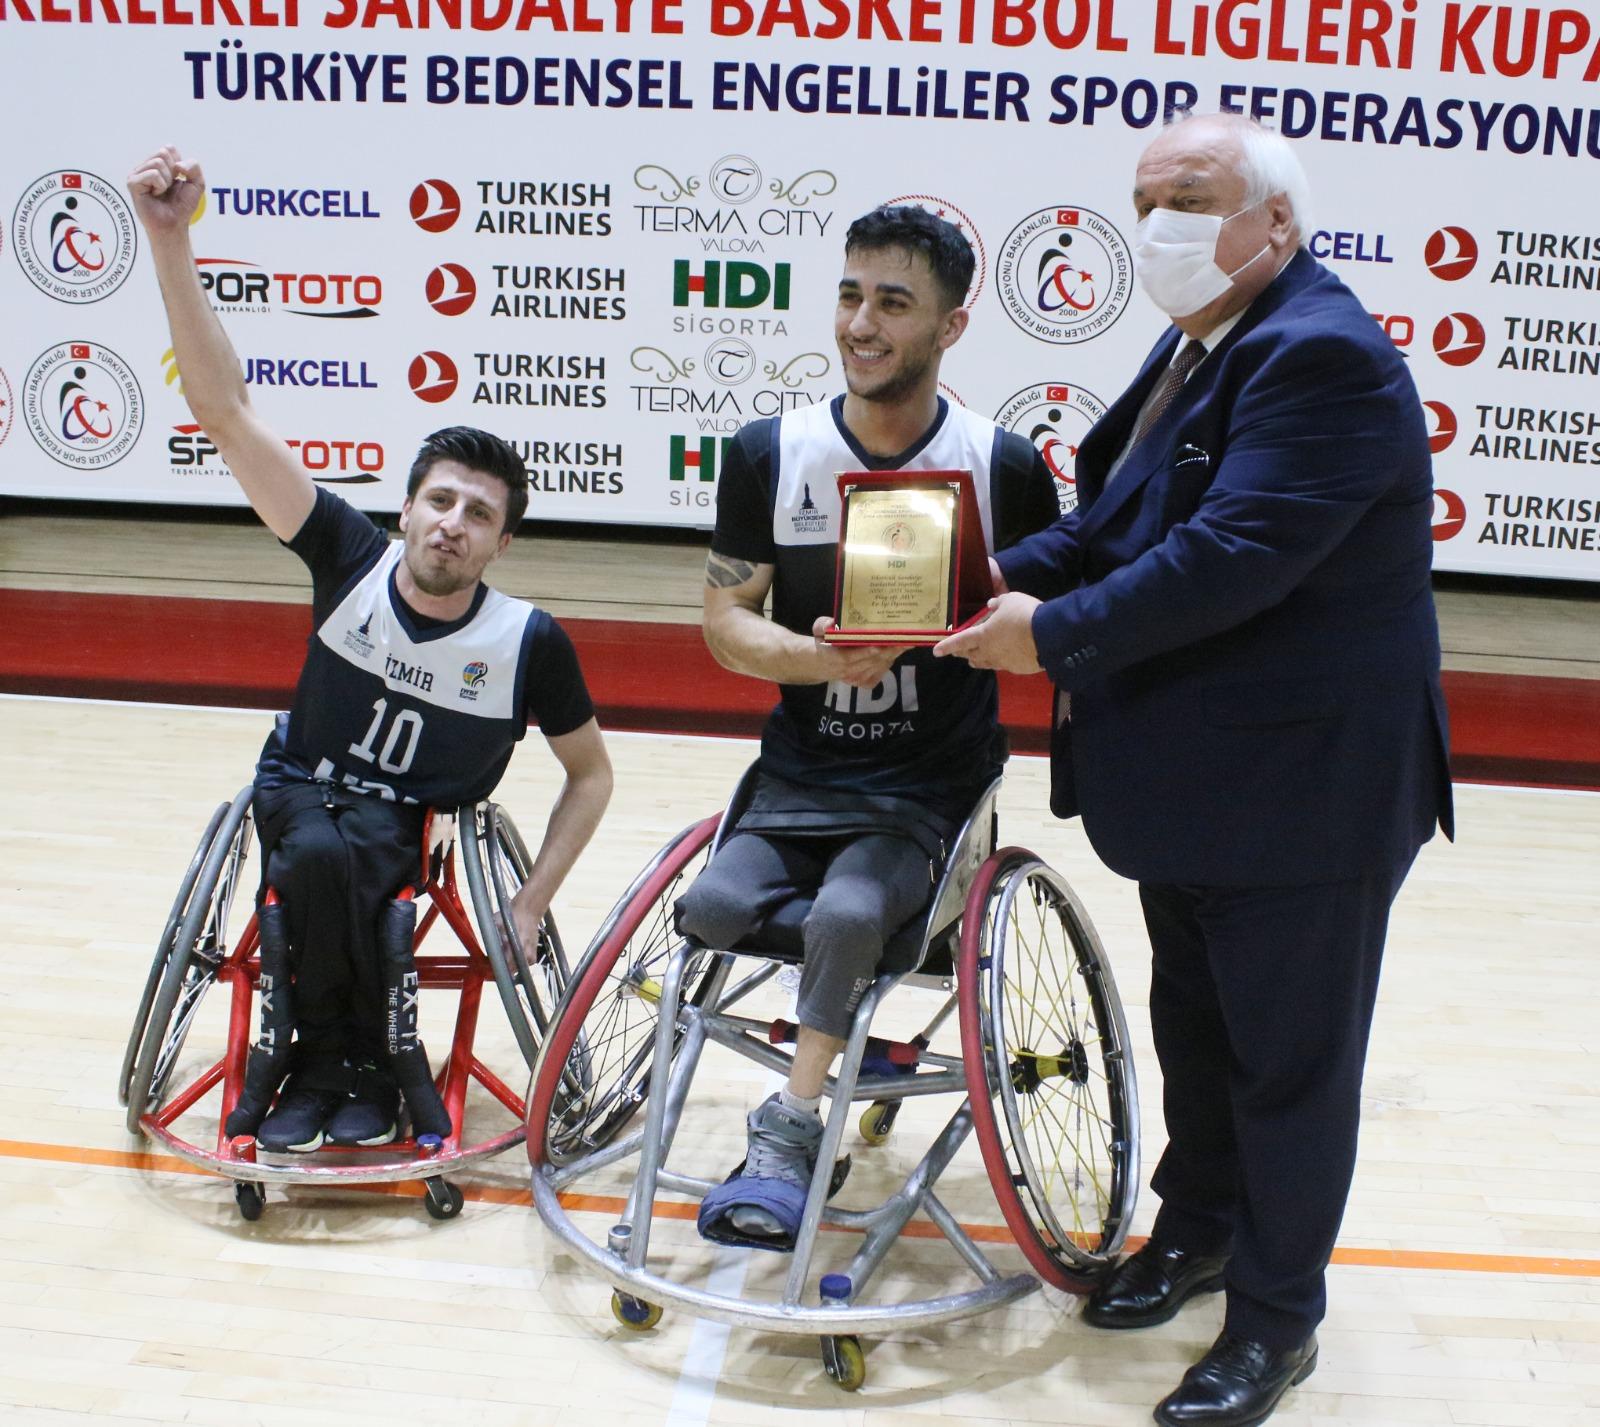 İzmir Büyükşehir Belediyespor'dan dört isim Tokyo yolunda İzmir'in olimpiyat gururu